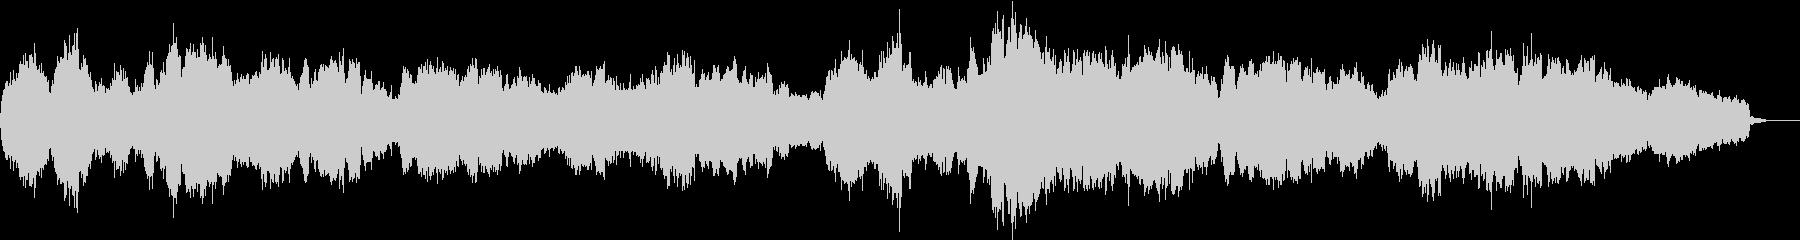 牧歌的なストリングスアンサンブルの未再生の波形